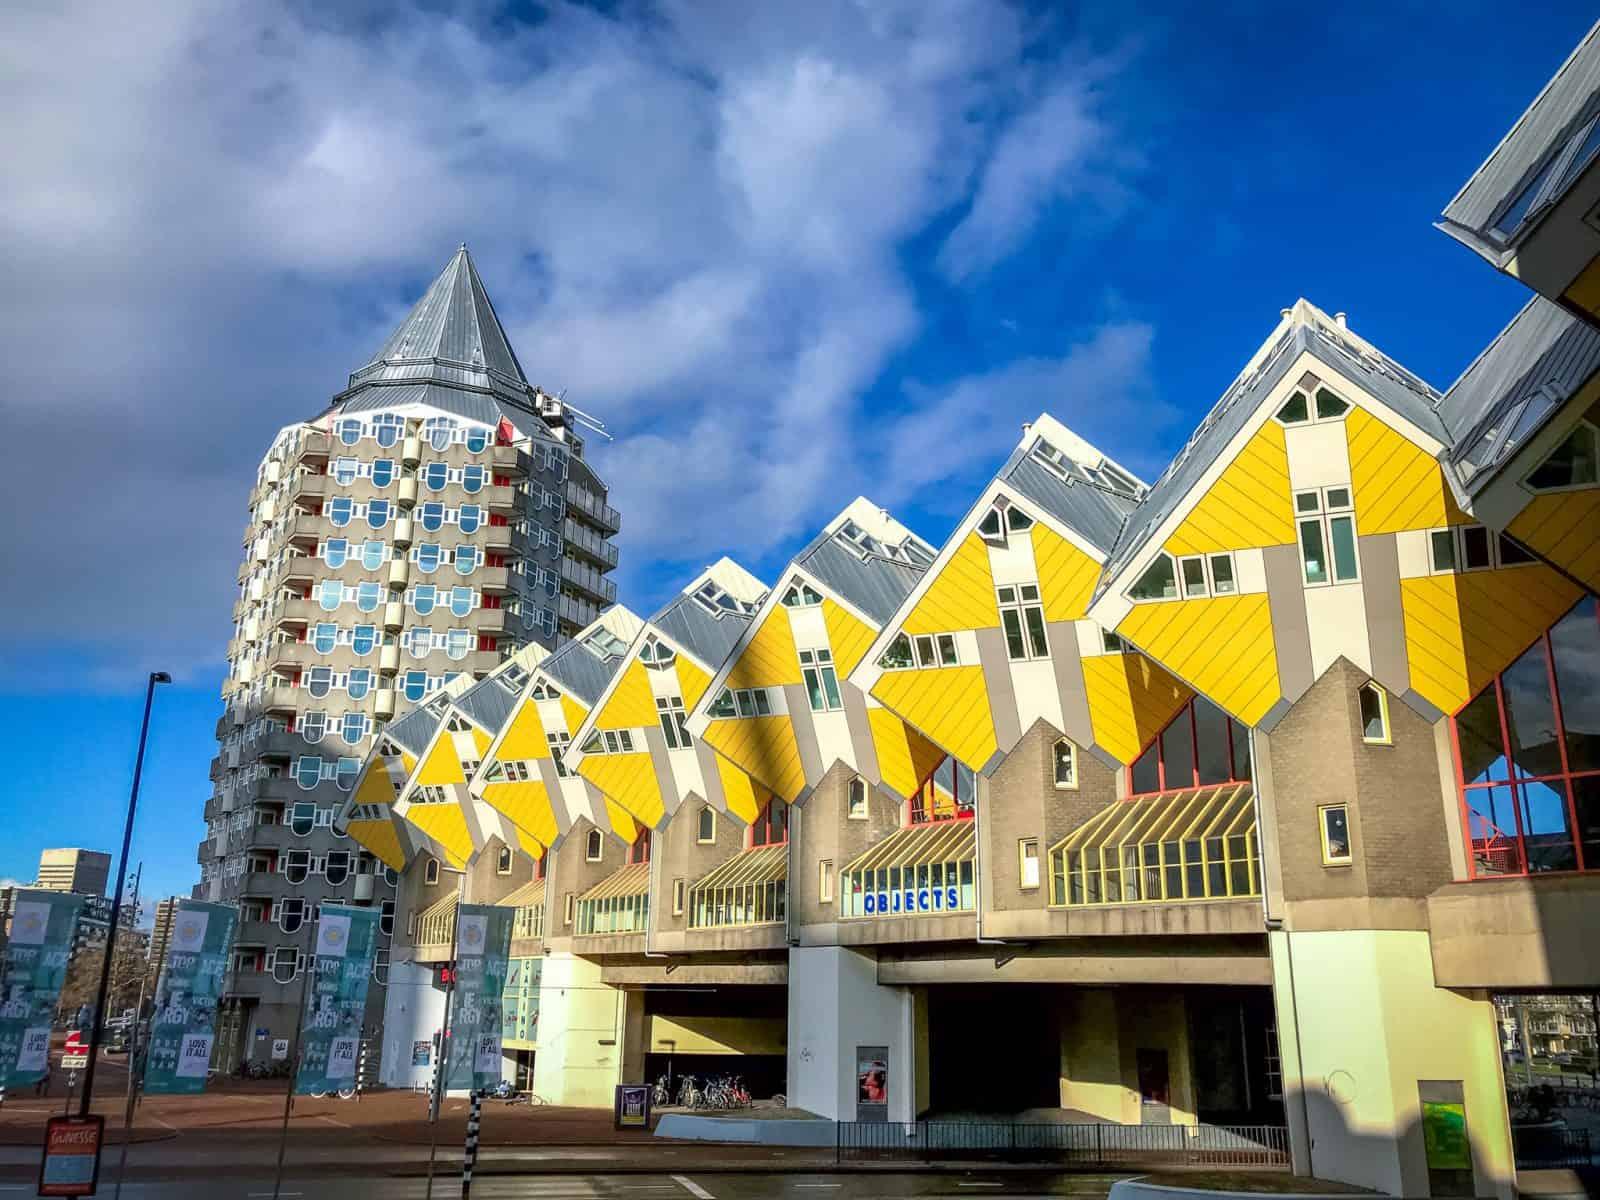 Роттердам (Rotterdam)